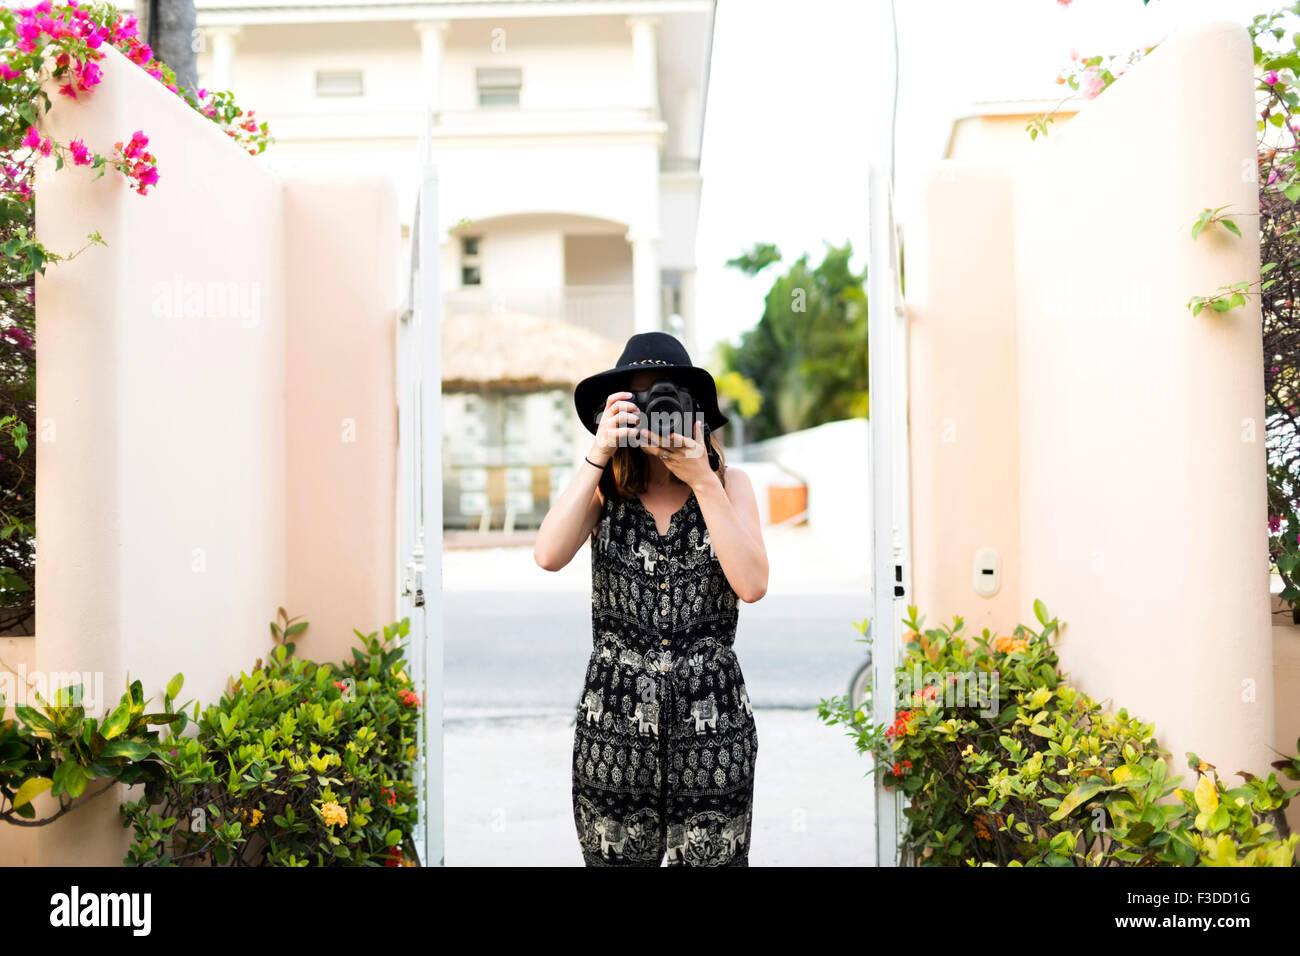 Femme de prendre des photos pendant les vacances Photo Stock